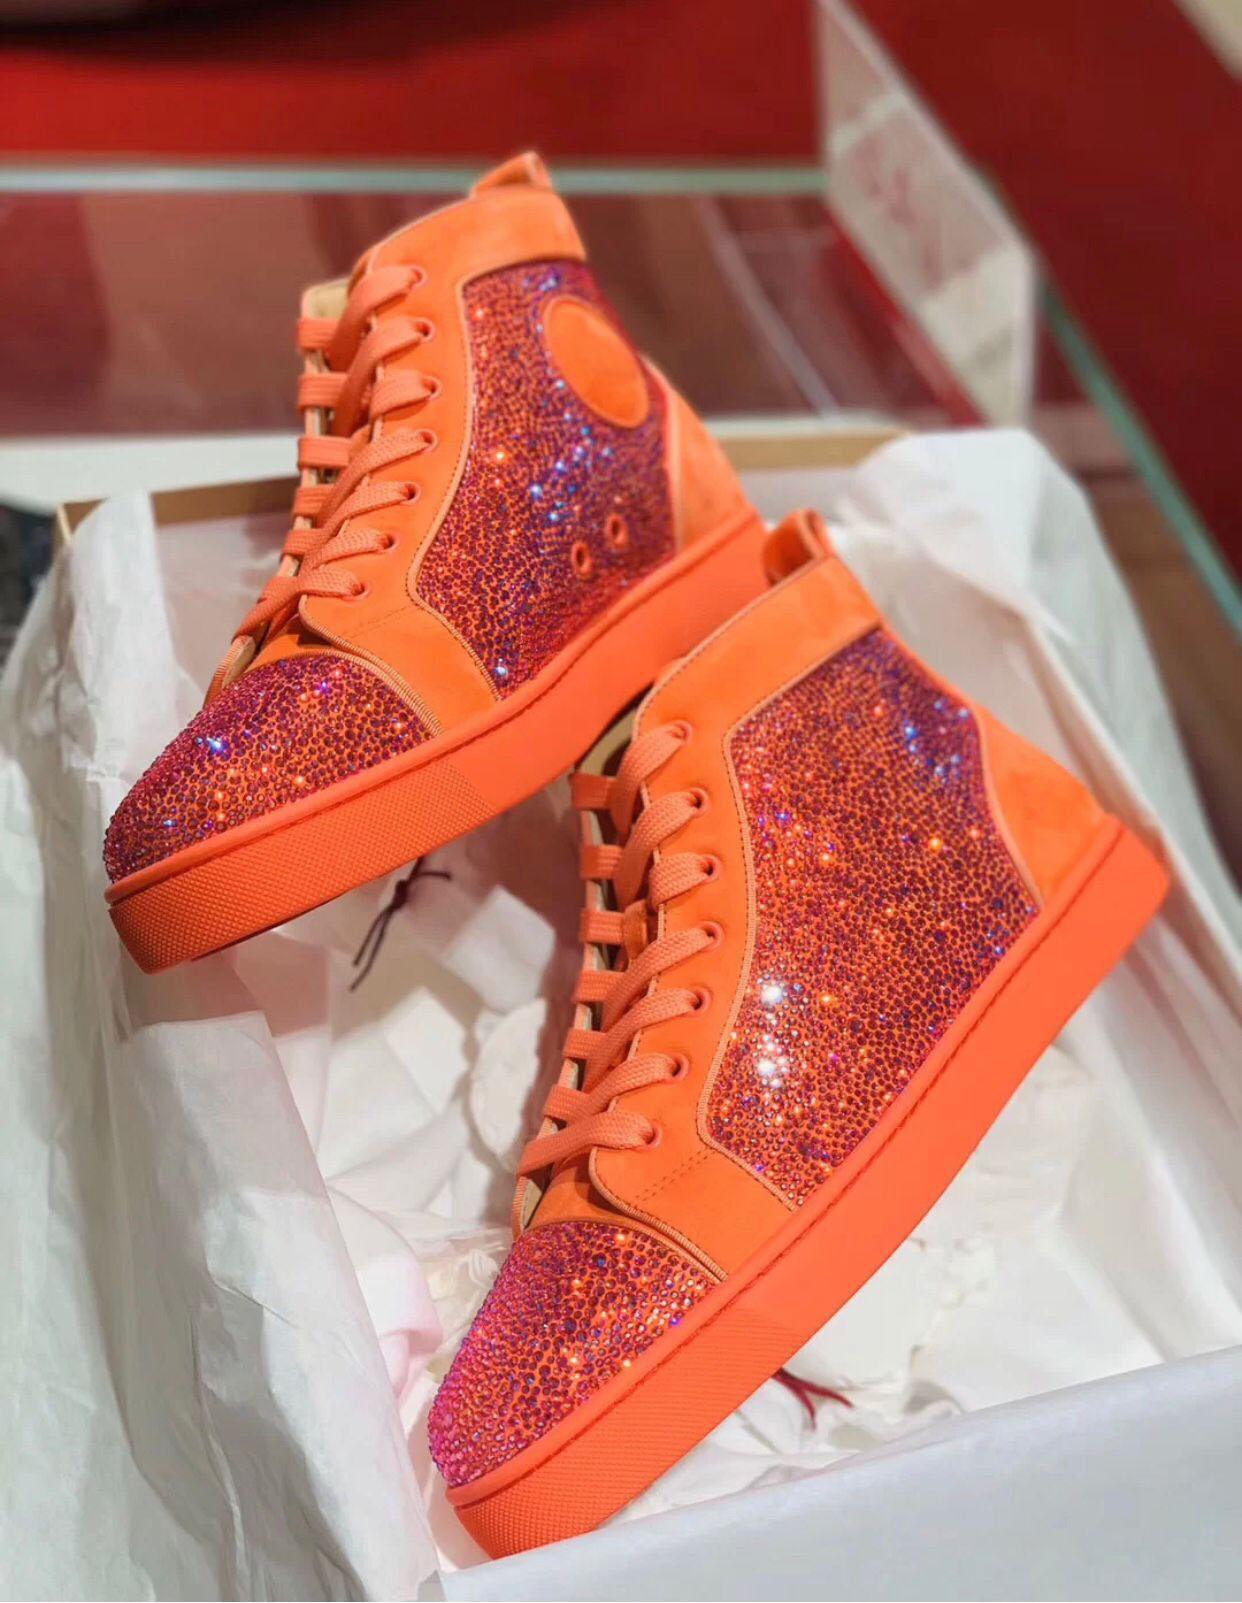 Orange Suede Strass beiläufige Gehen, elegante High Top Sneakers Strass-rote Unterseite Männer S-Qualität 1.1 Basket Homme bestes Geschenk für Ihn